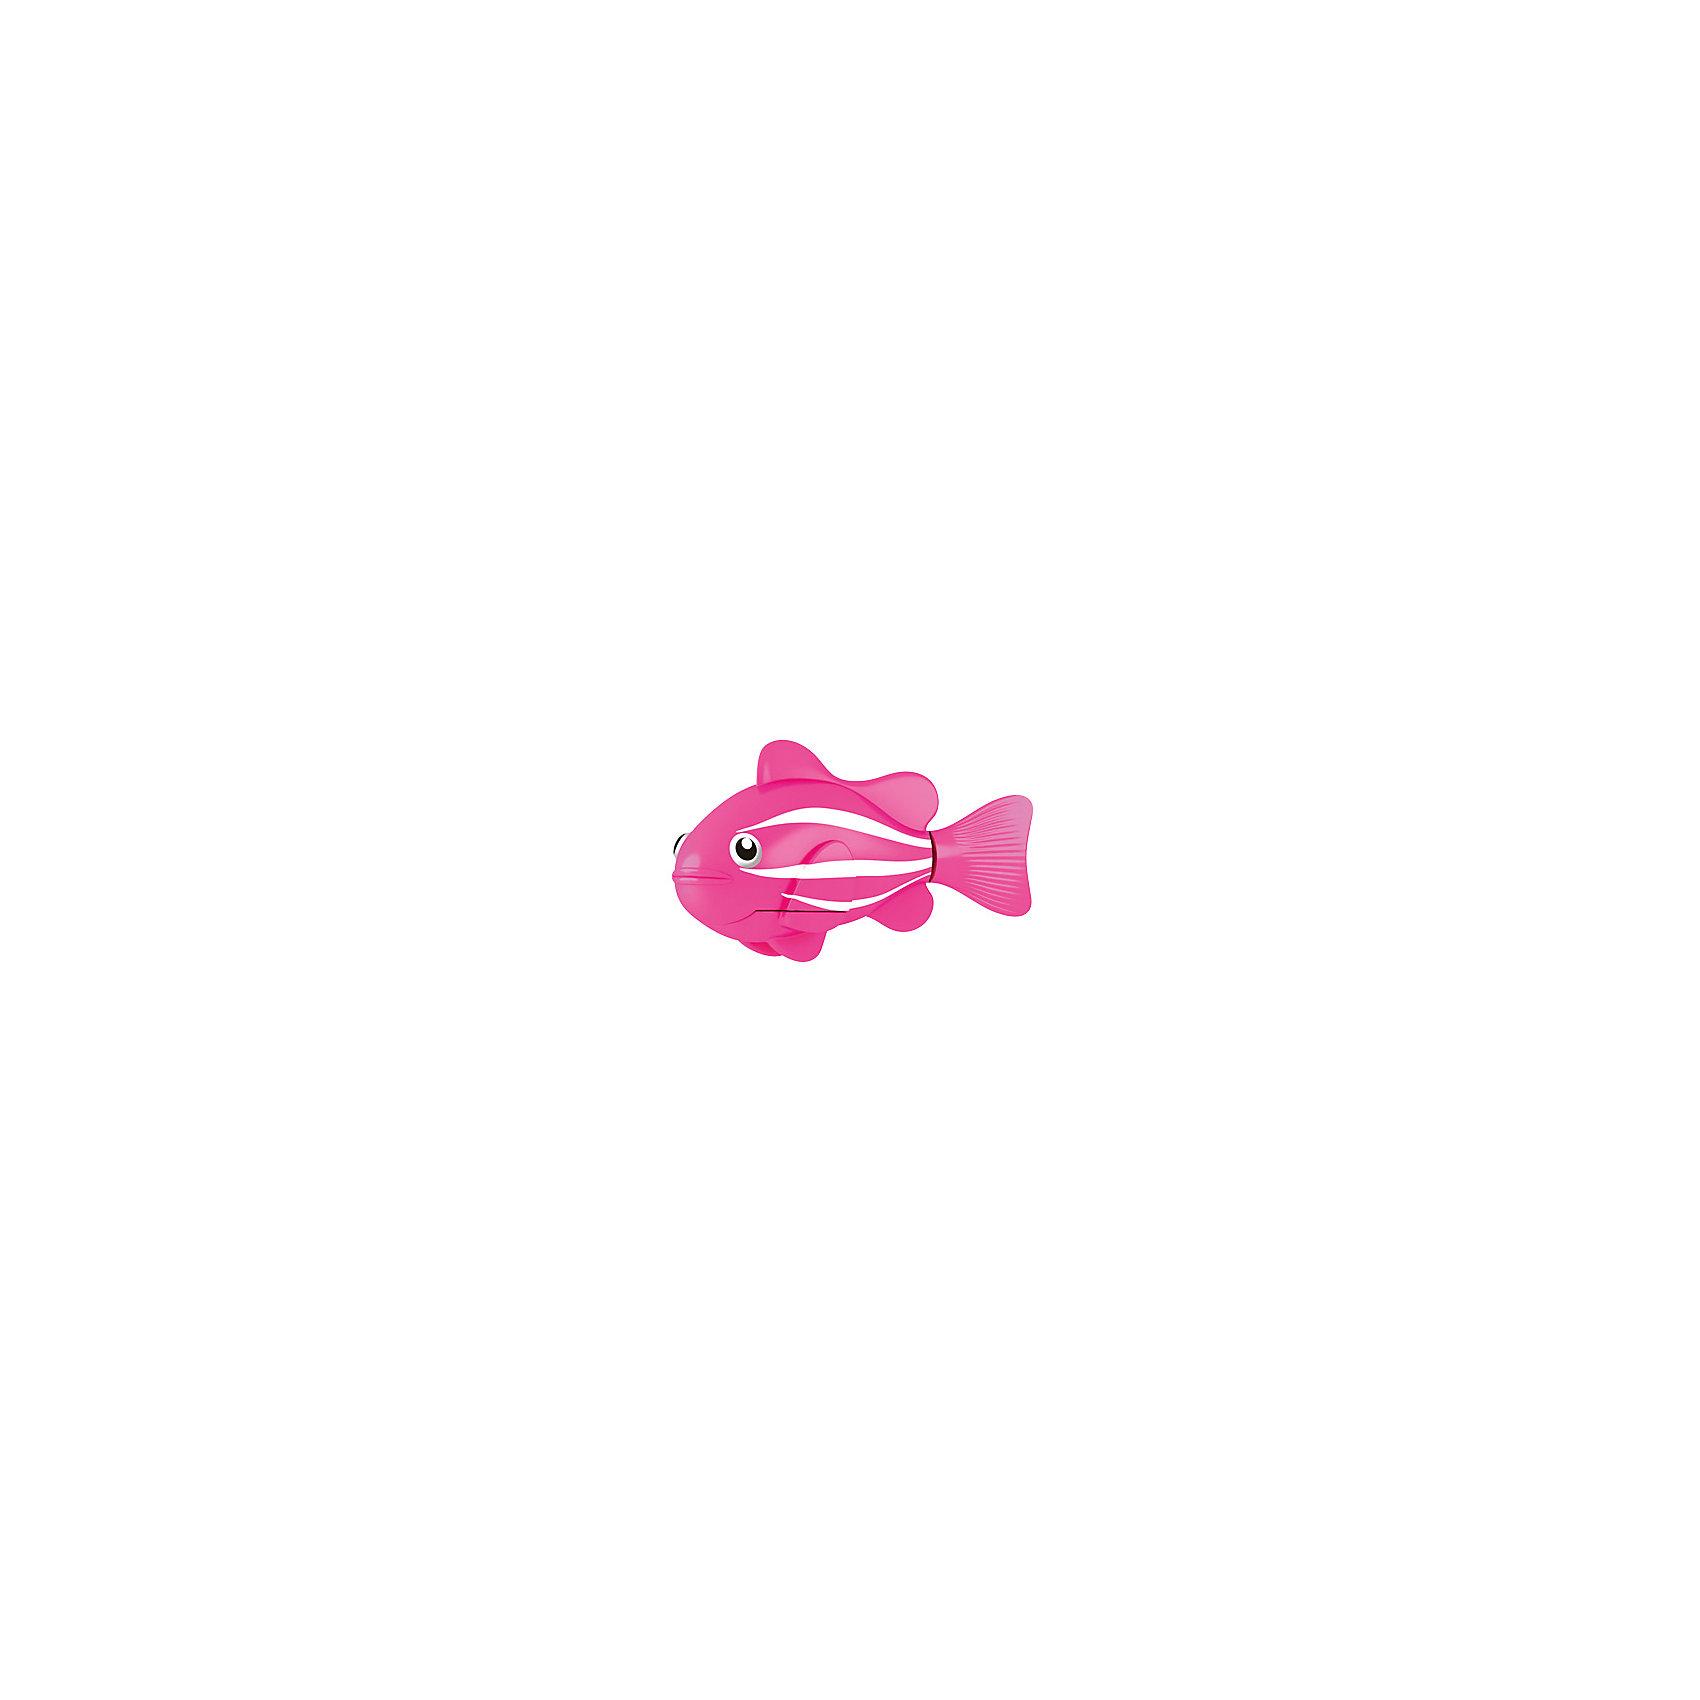 РобоРыбка Клоун розовая, RoboFishРоборыбки<br>Розовая Рыбка клоун при погружении в аквариум или другою емкостью с водой РобоРыбка начинает плавать – опускаясь ко дну и поднимаясь к поверхности воды. Игрушка работает от двух алкалиновых батареек А76 или RL44, которые входят в комплект (две установлены в игрушку и 2 запасные)<br><br>Ширина мм: 435<br>Глубина мм: 405<br>Высота мм: 240<br>Вес г: 216<br>Возраст от месяцев: 60<br>Возраст до месяцев: 144<br>Пол: Унисекс<br>Возраст: Детский<br>SKU: 2999504